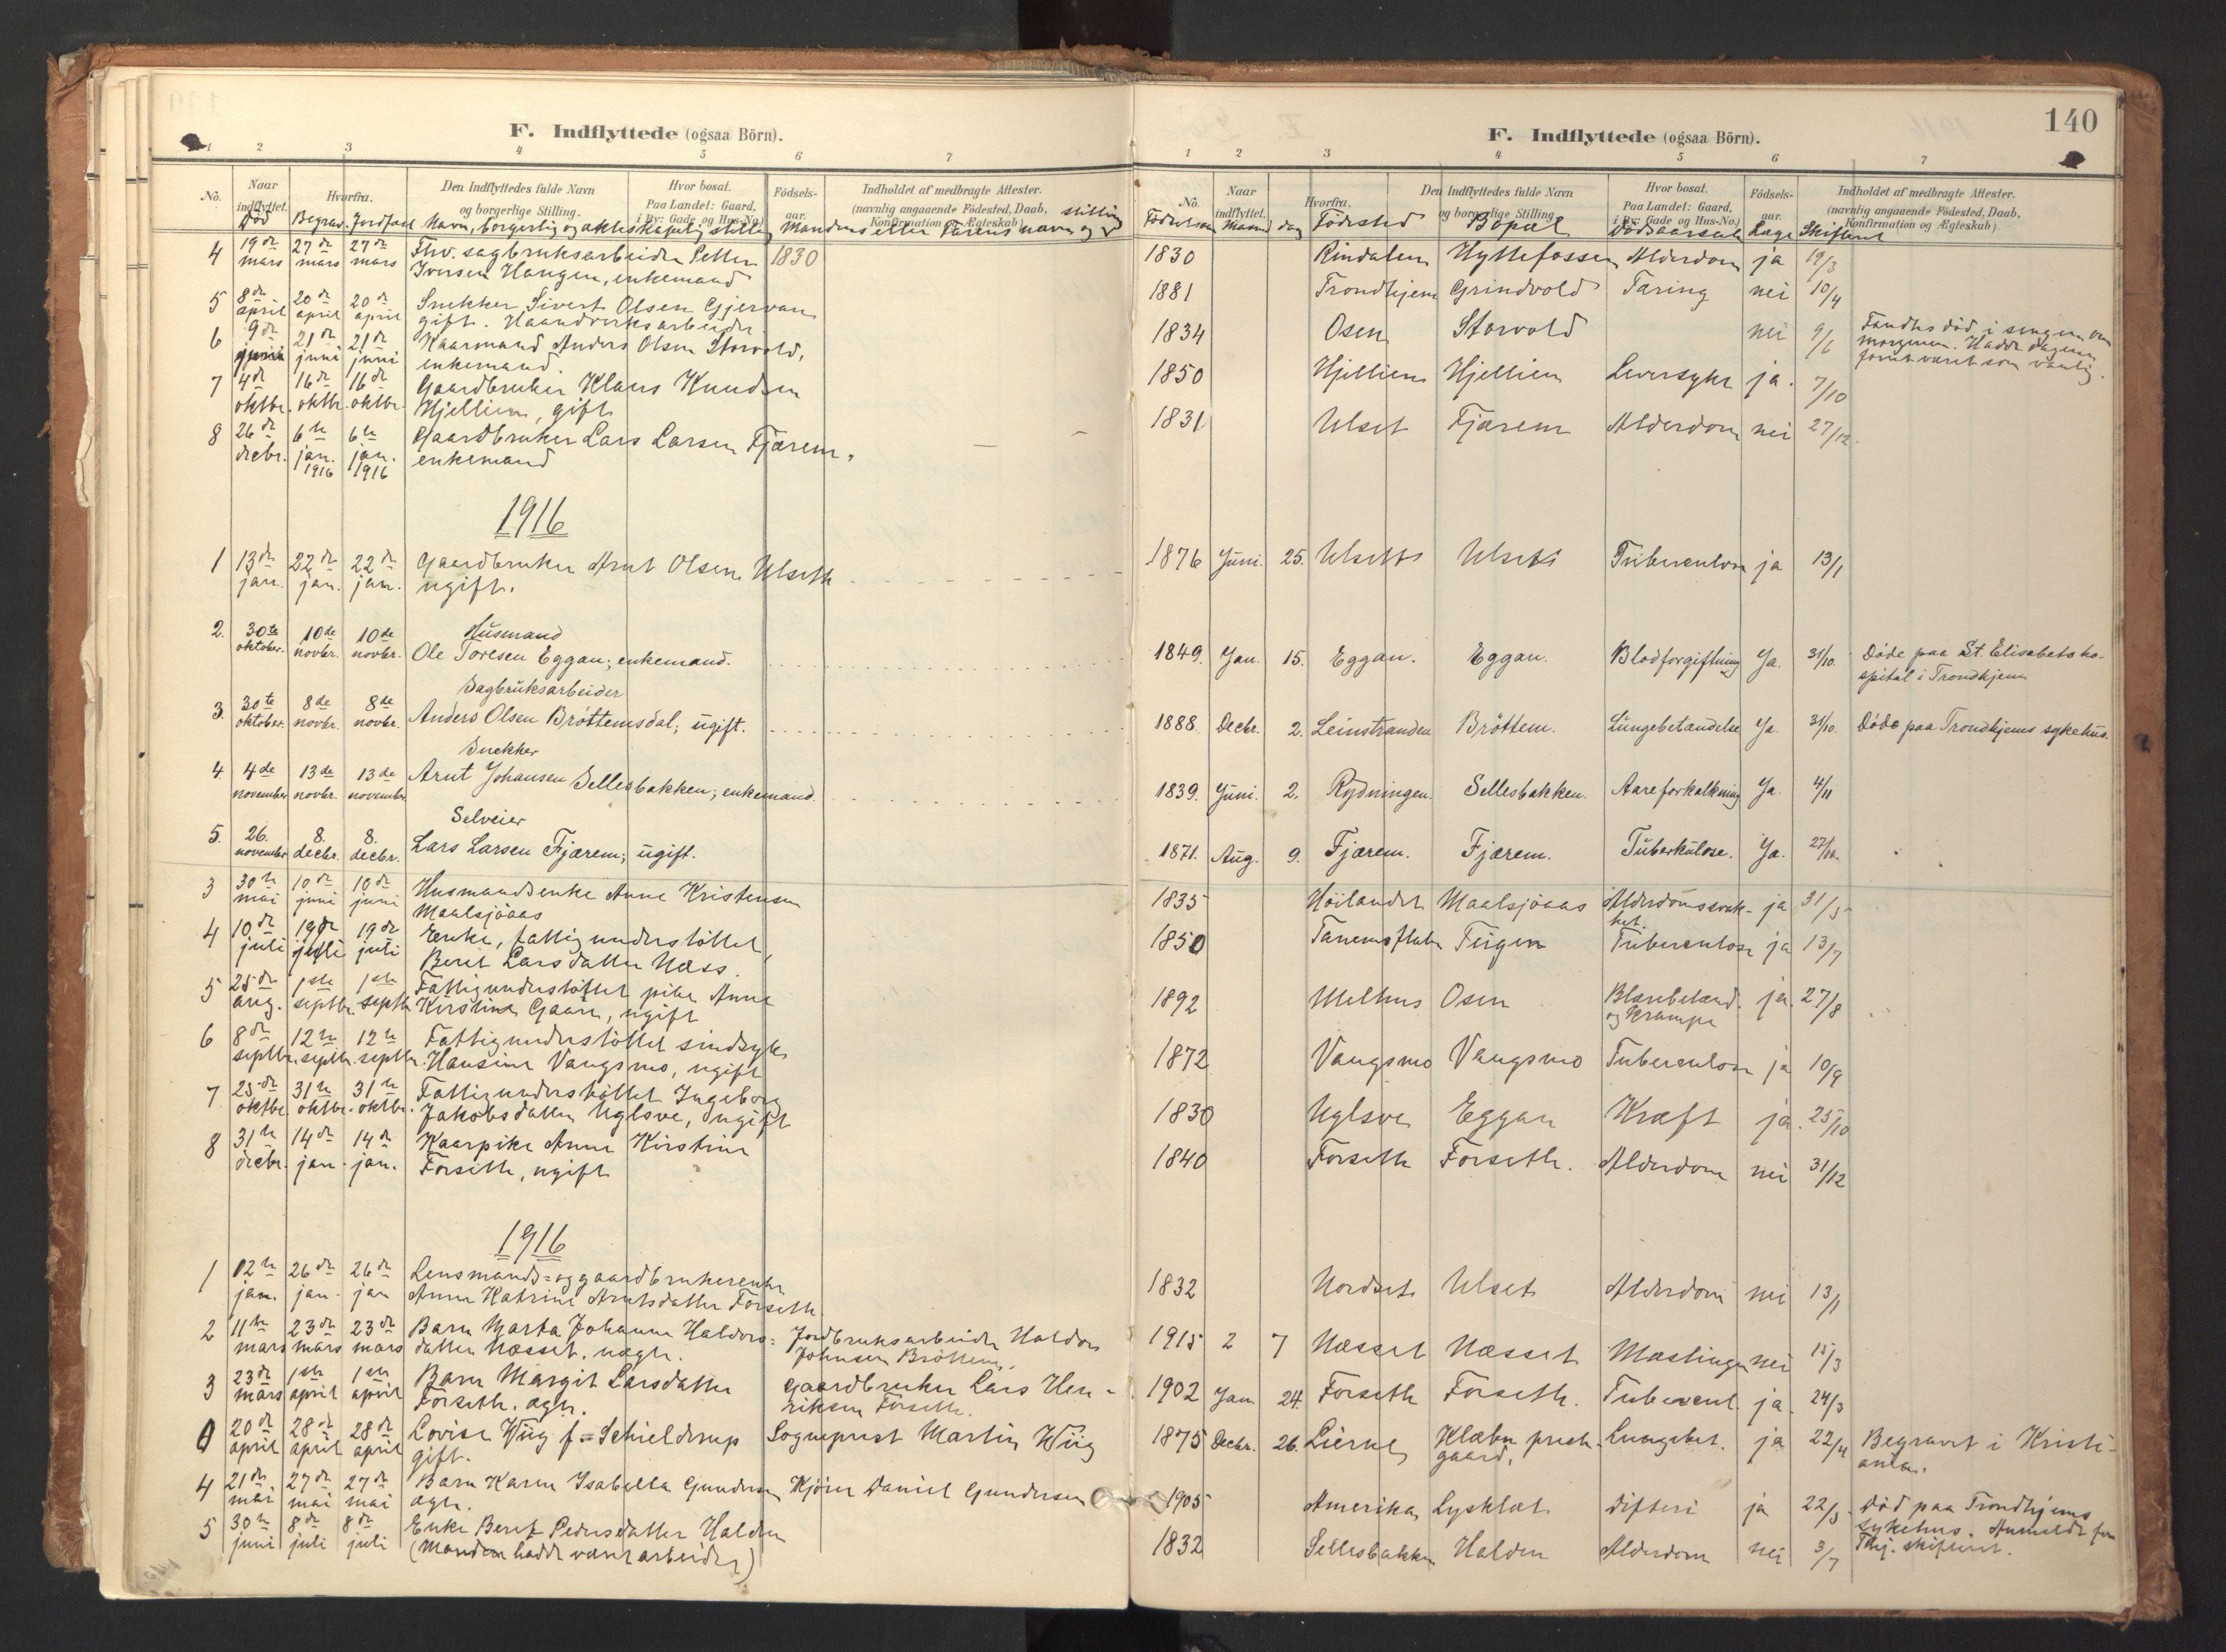 SAT, Ministerialprotokoller, klokkerbøker og fødselsregistre - Sør-Trøndelag, 618/L0448: Ministerialbok nr. 618A11, 1898-1916, s. 140